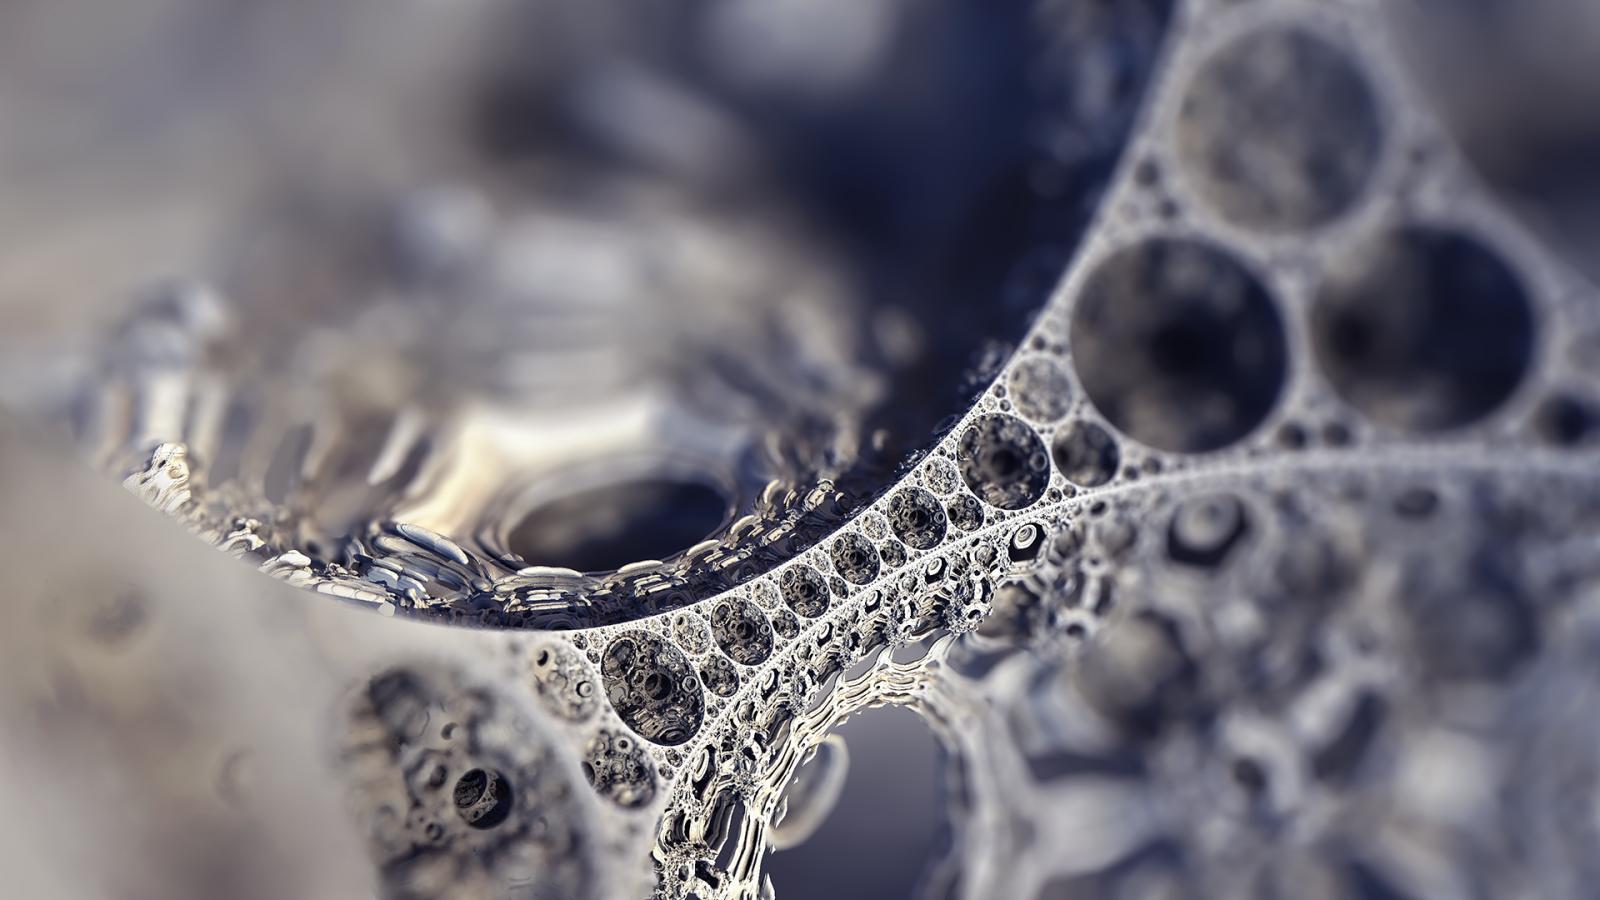 monocromo abstracto agua invierno fotografía rama hielo escarcha Fractal borroso plata Rocío Congelación hoja flor soltar joyería en blanco y negro Fotografía monocroma Accesorio de moda de cerca Fotografía macro